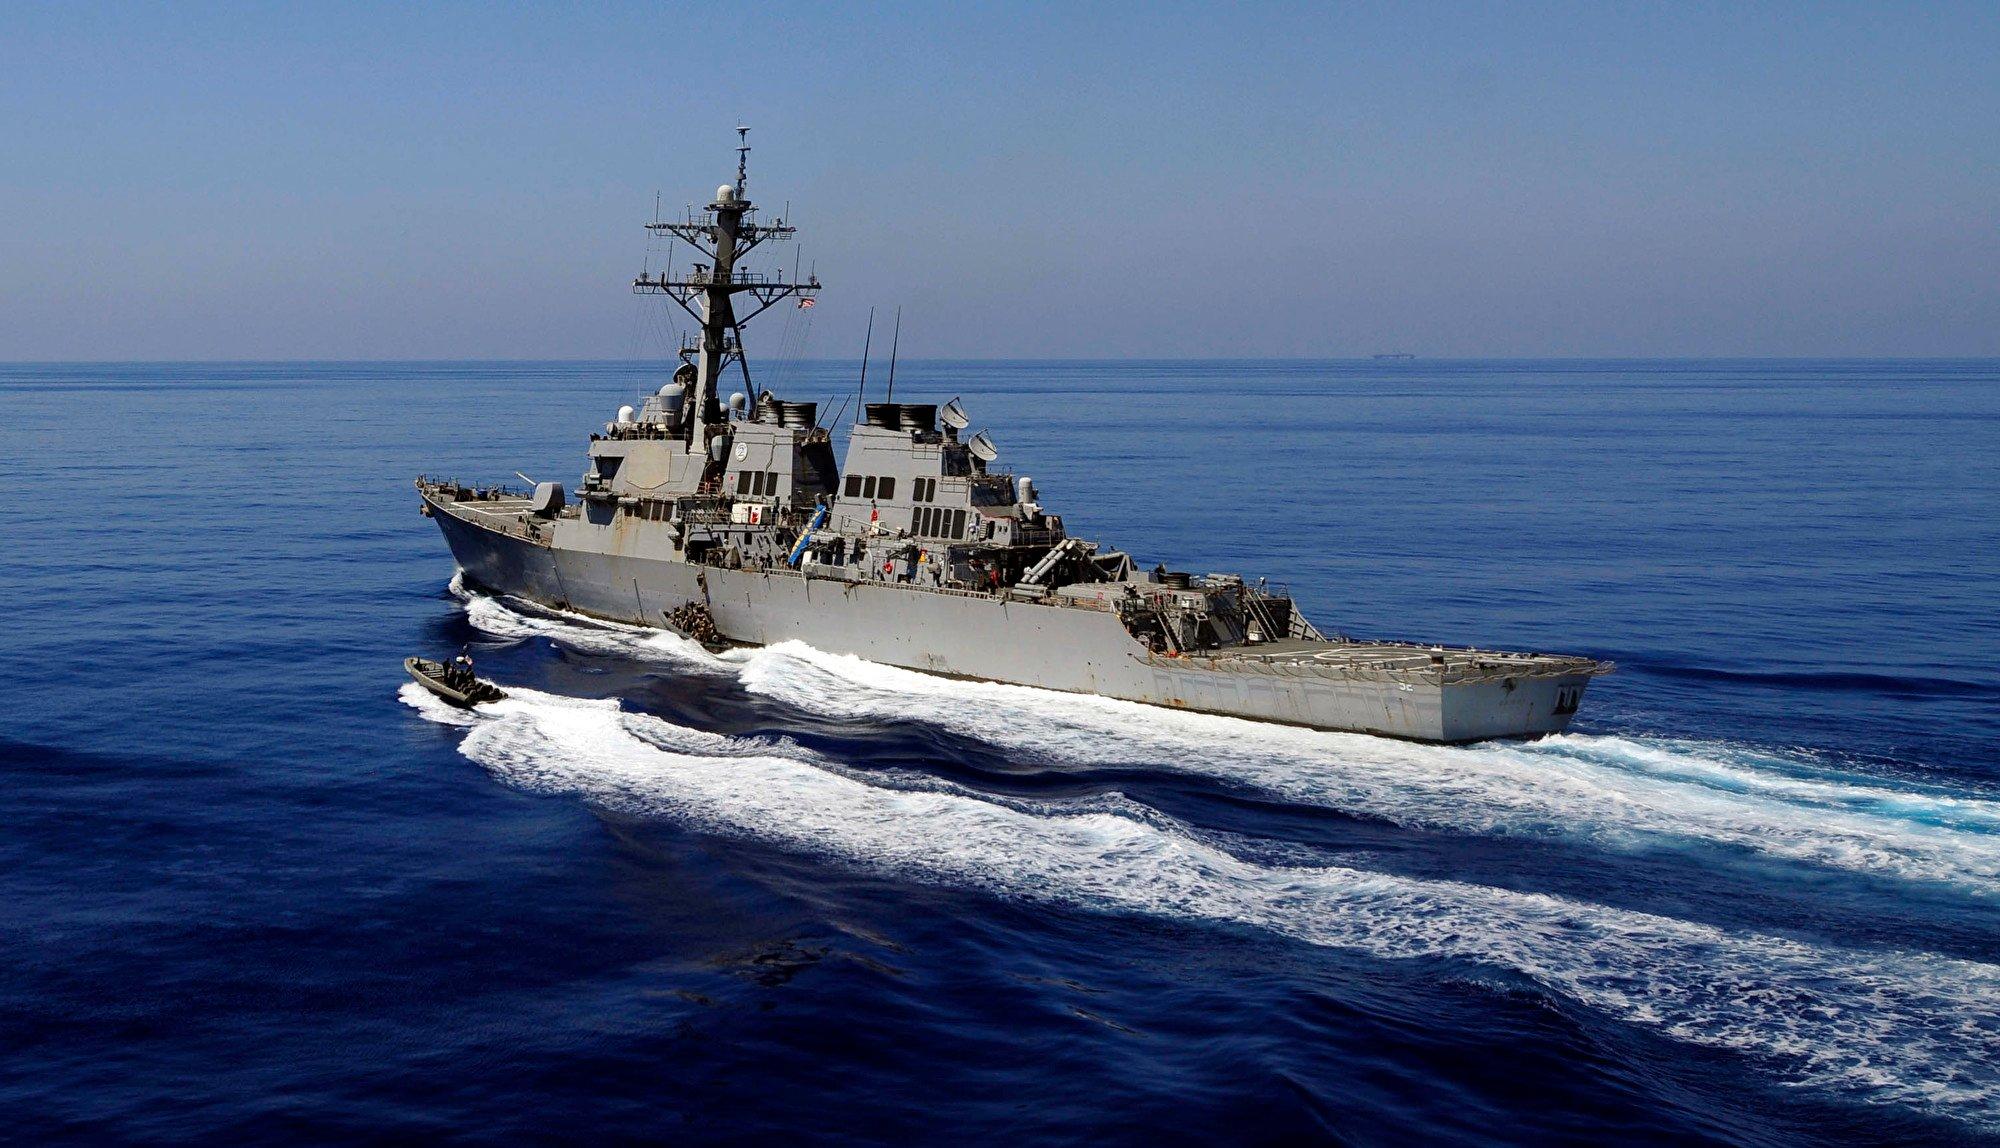 中共航空母艦「遼寧號」2020年4月22日才通過台灣南部海域向東航行,今日美軍即派出導彈驅逐艦貝瑞號(USS Barry DDG-52),航經台灣海峽。圖為導彈驅逐艦貝瑞號的資料照。(Getty Images)